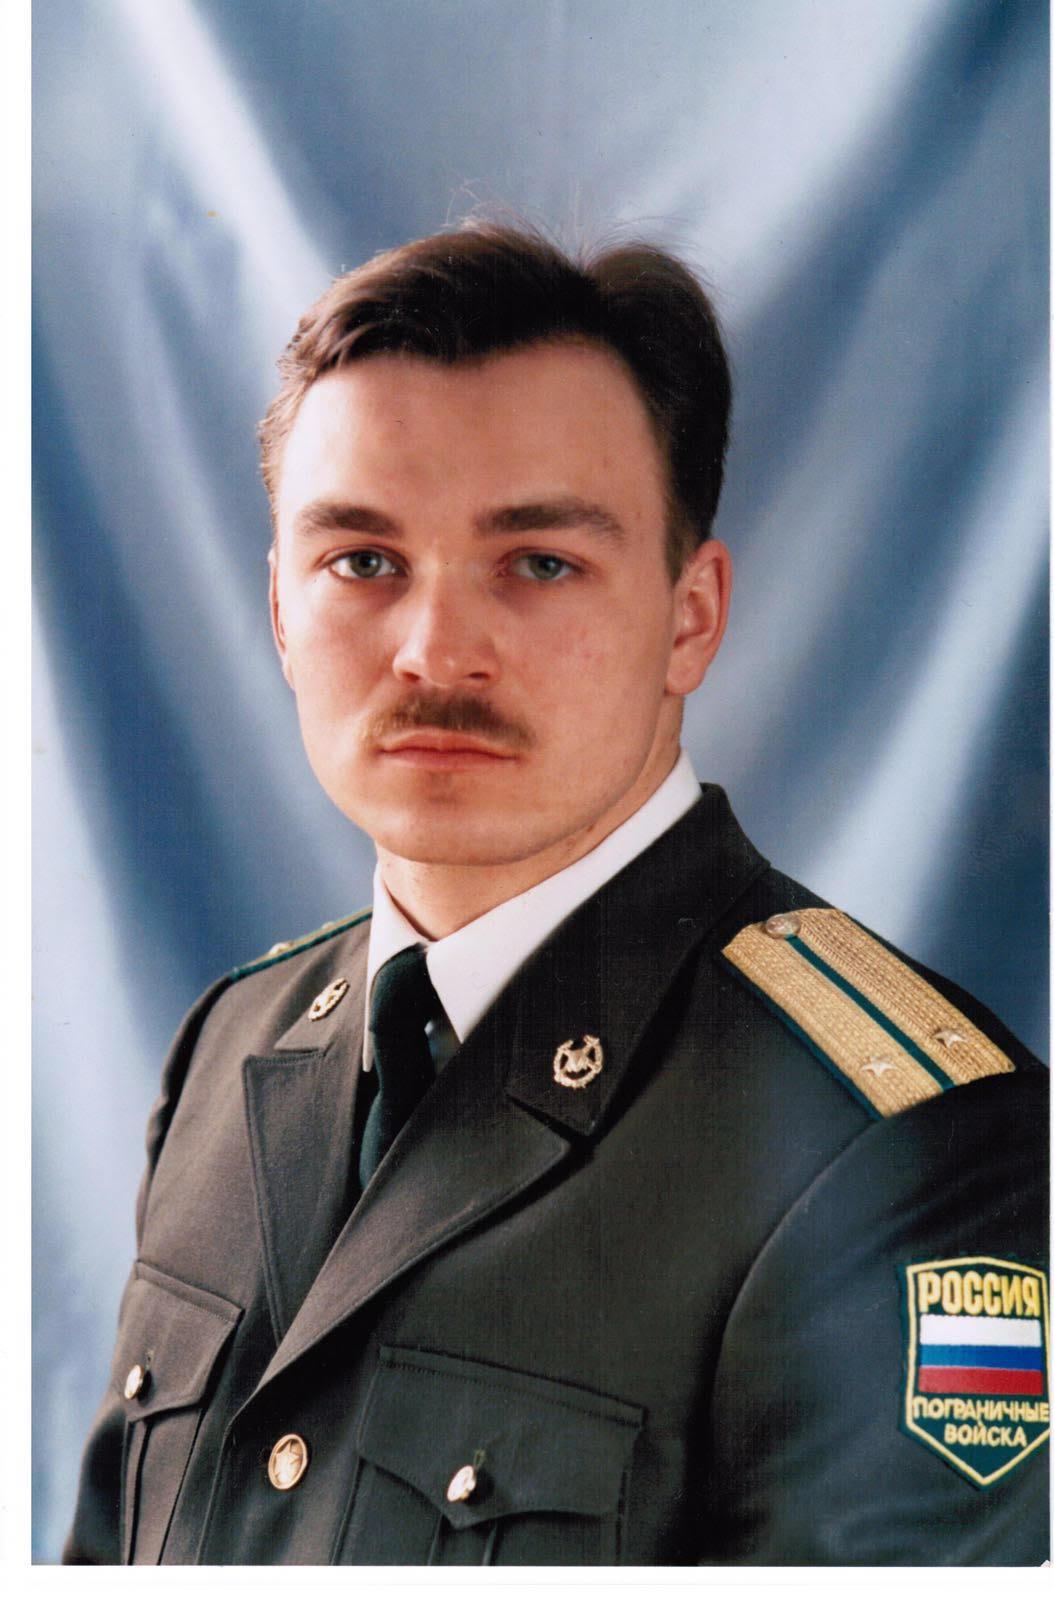 Армейские истории: зачем курсанту ворона и что снится пожарным